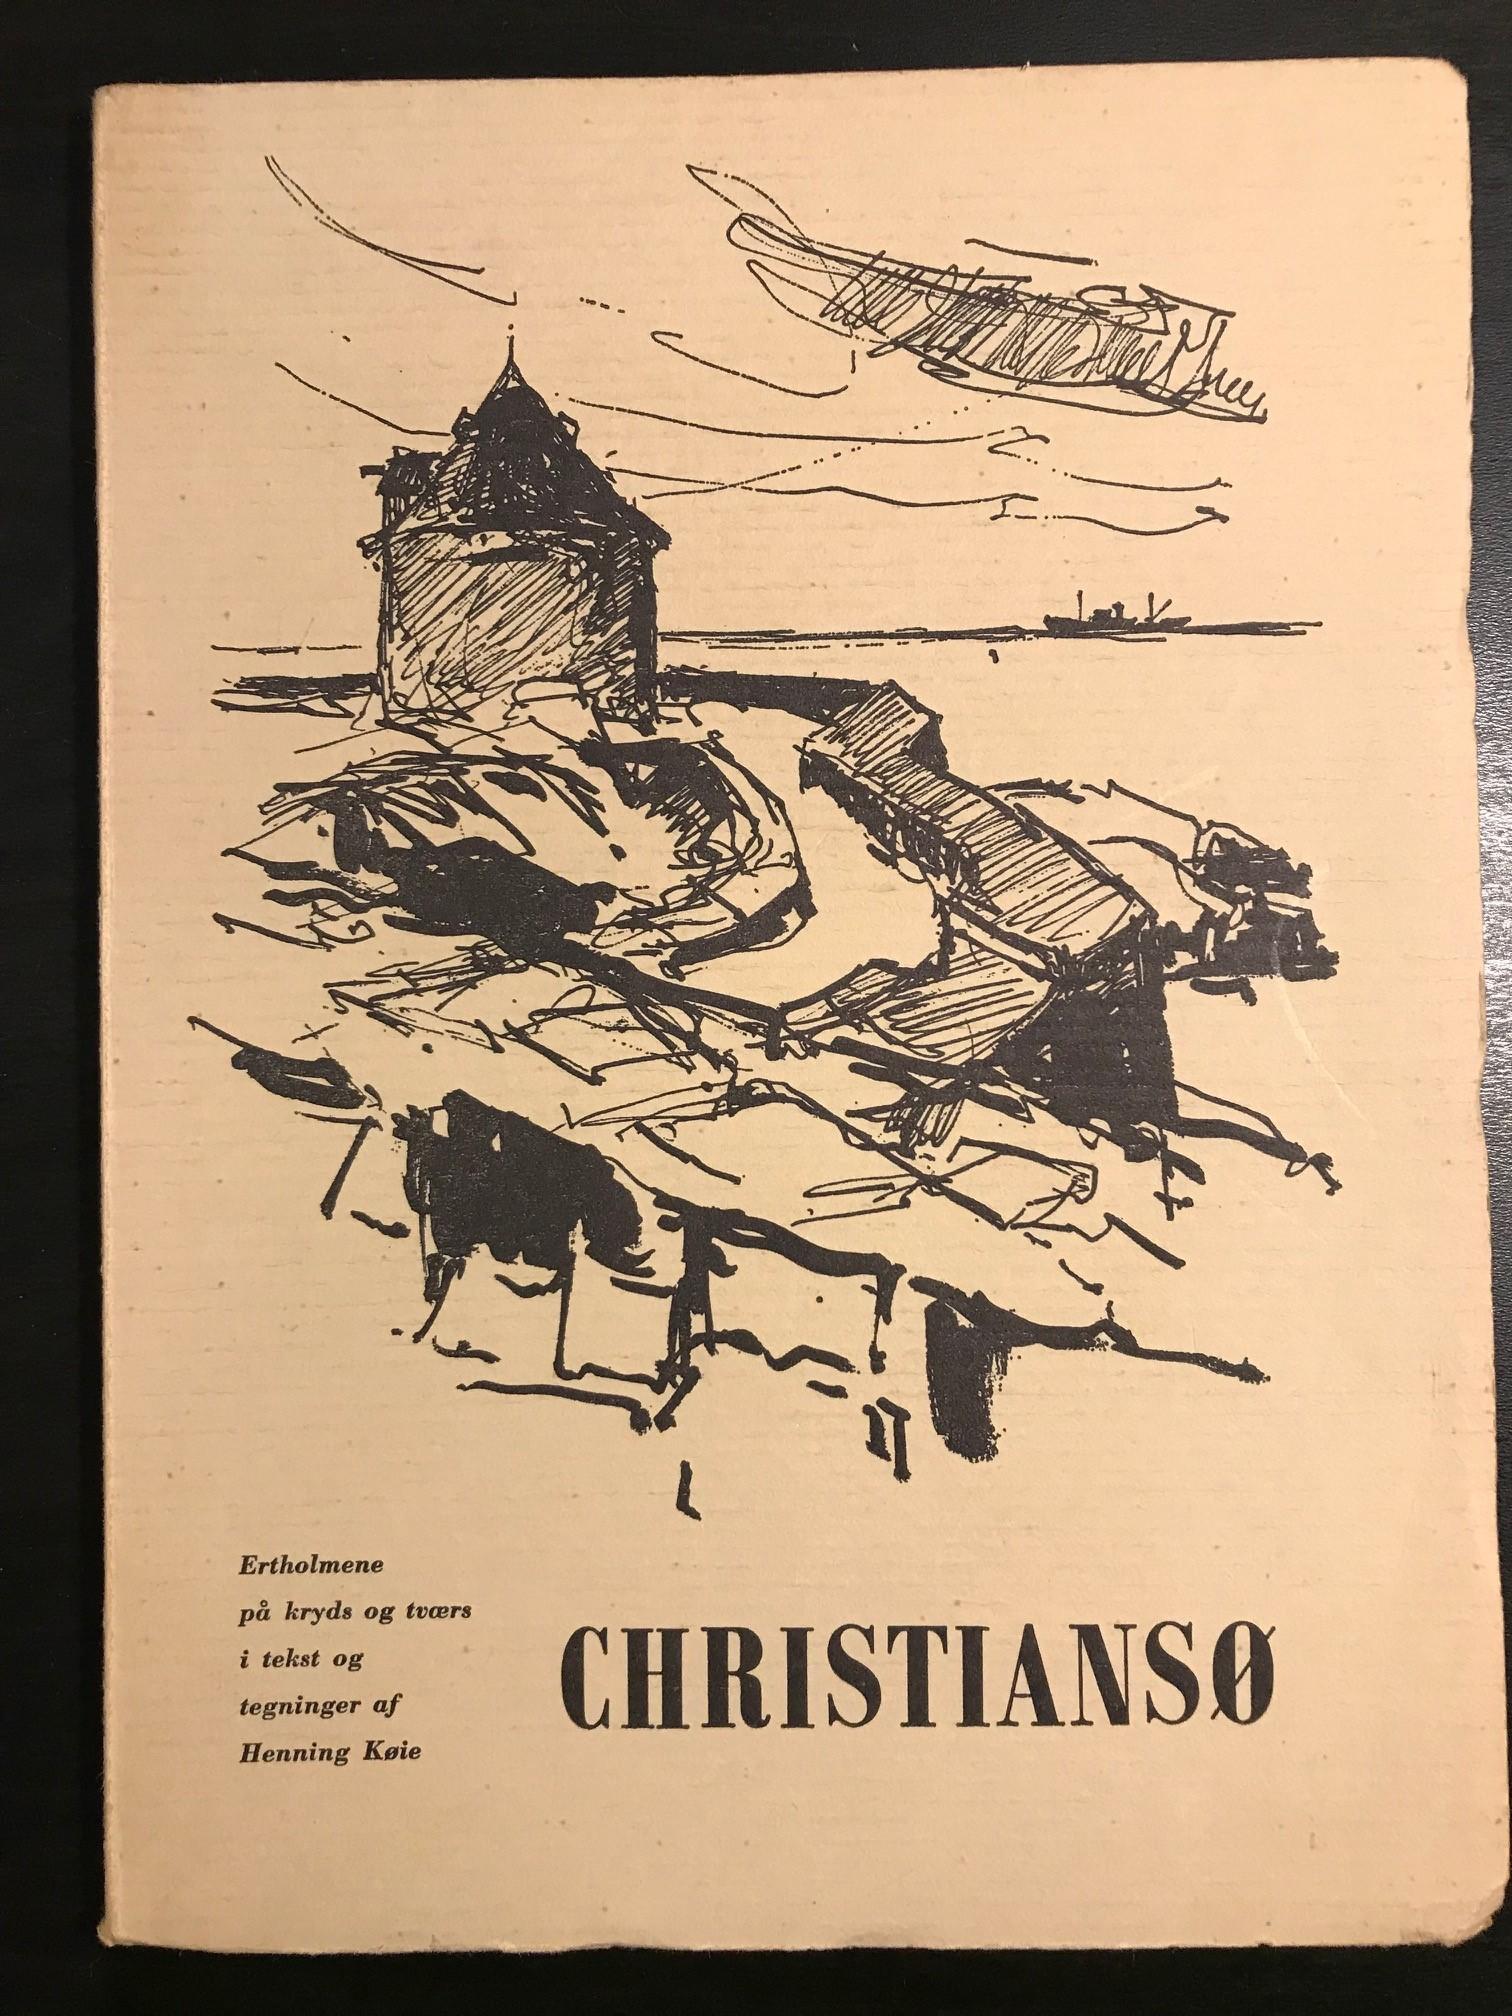 Christiansø Ertholmene på kryds og tværs i tekst og tegninger af Henning Køie